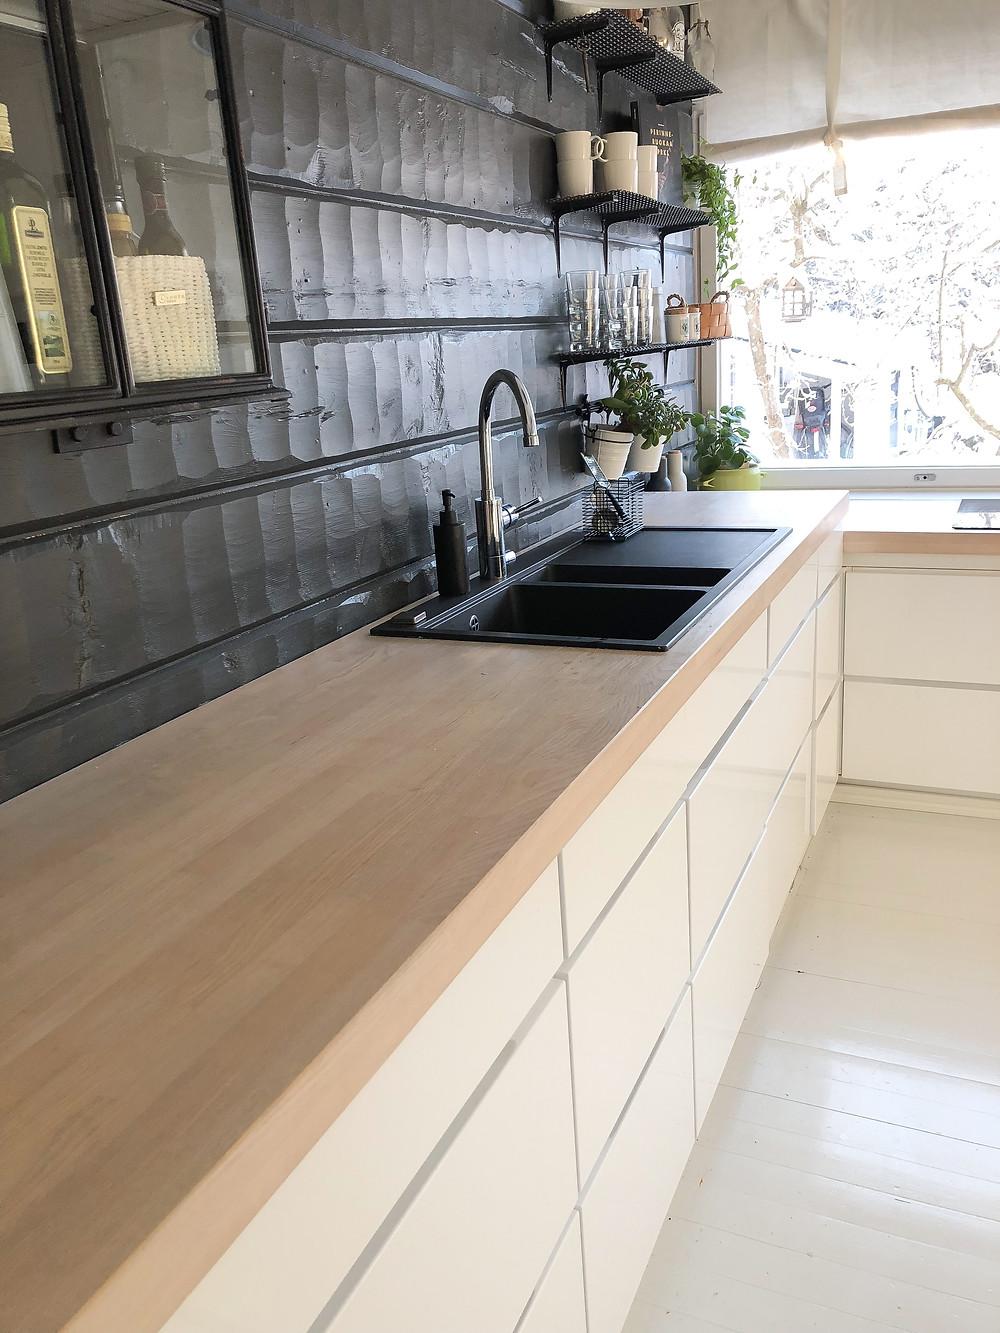 kvik mano gloss keittiön kaapisto, valkoinen kaapisto puutasolla, white kitchen cabinet with light wooden ash worktop , white kitchen cabinet black wall, valkoinen keittiön kaapisto mustalla seinällä